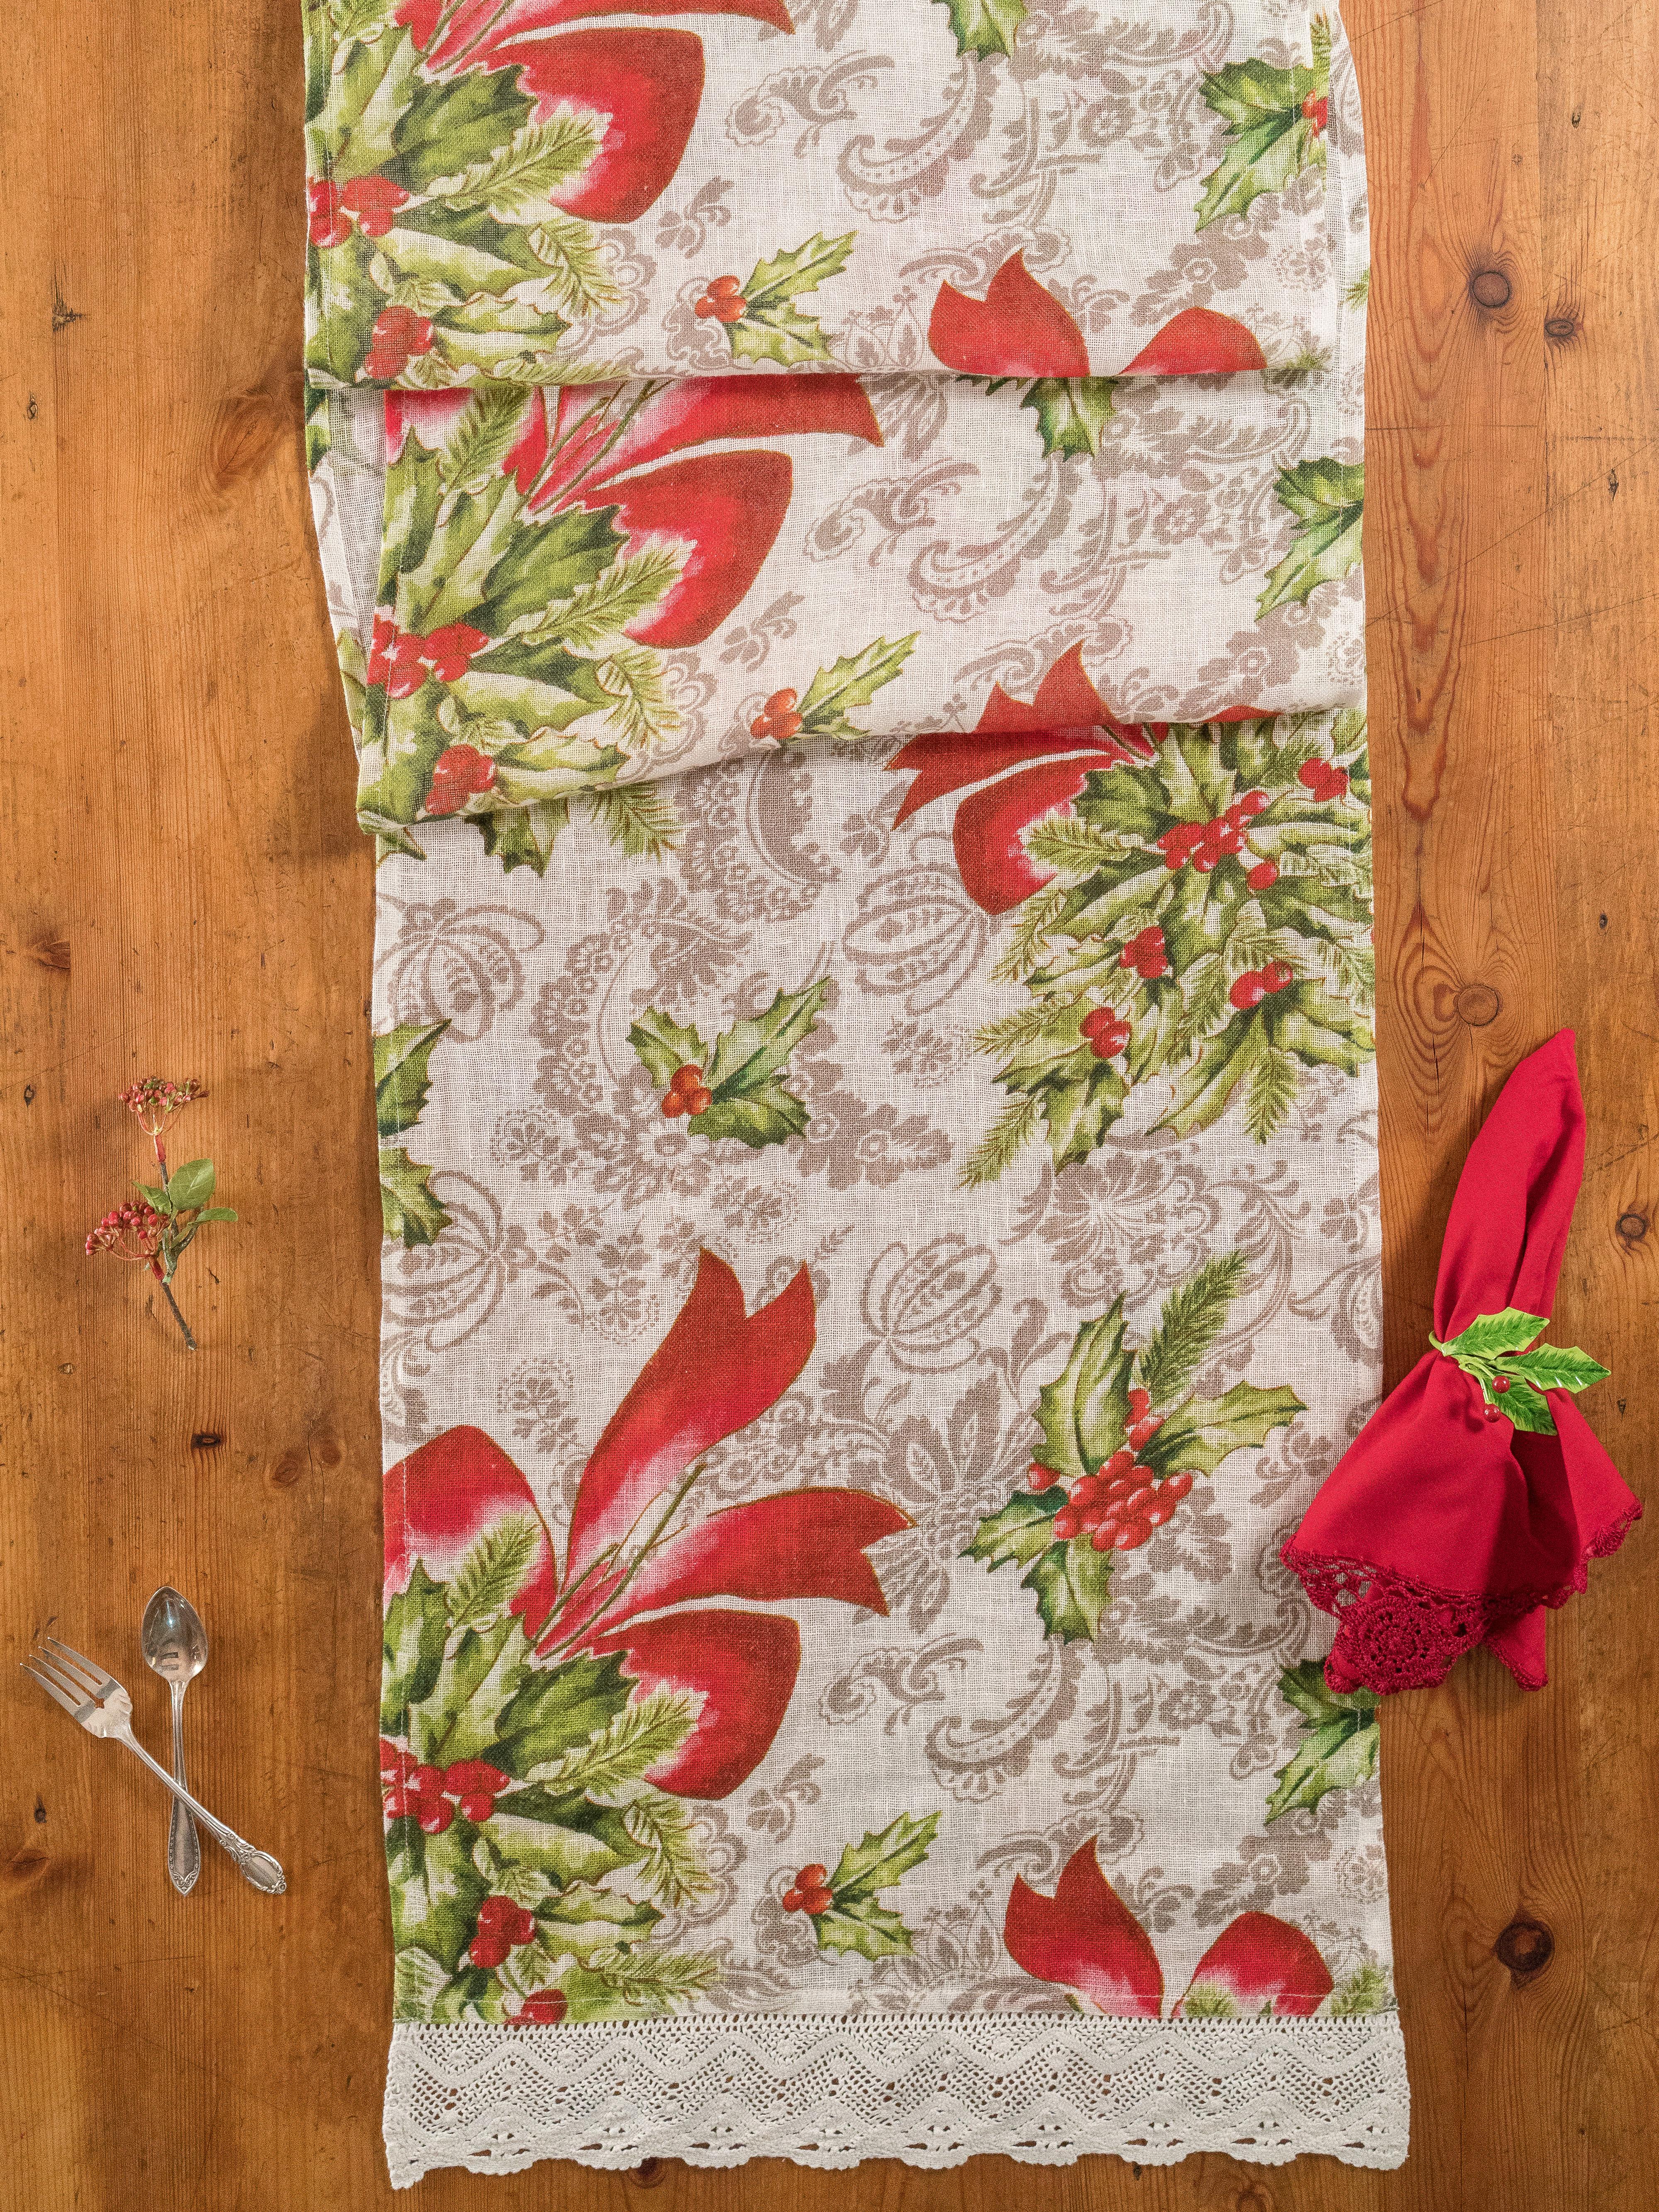 Deck the Holly Linen Runner